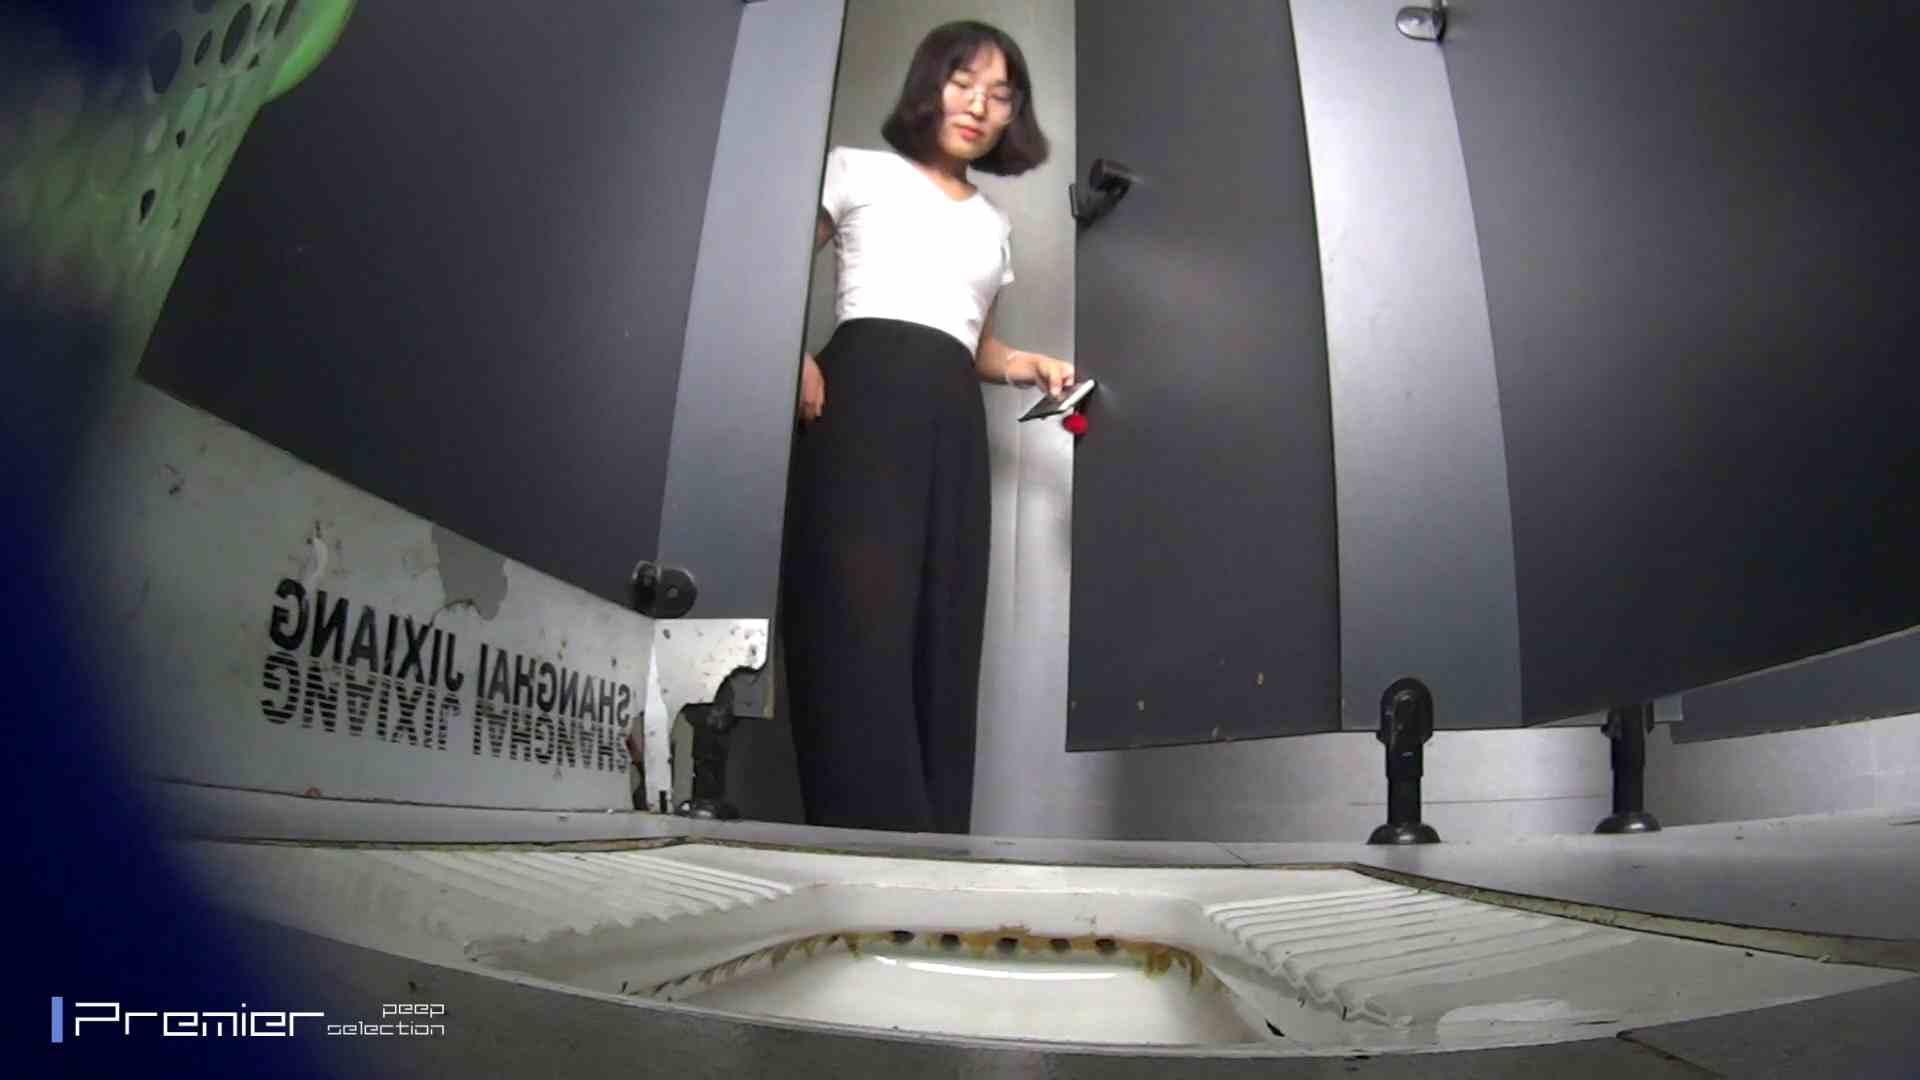 夏全開!ハーフパンツのギャル達 大学休憩時間の洗面所事情44 洗面所 セックス無修正動画無料 105画像 67